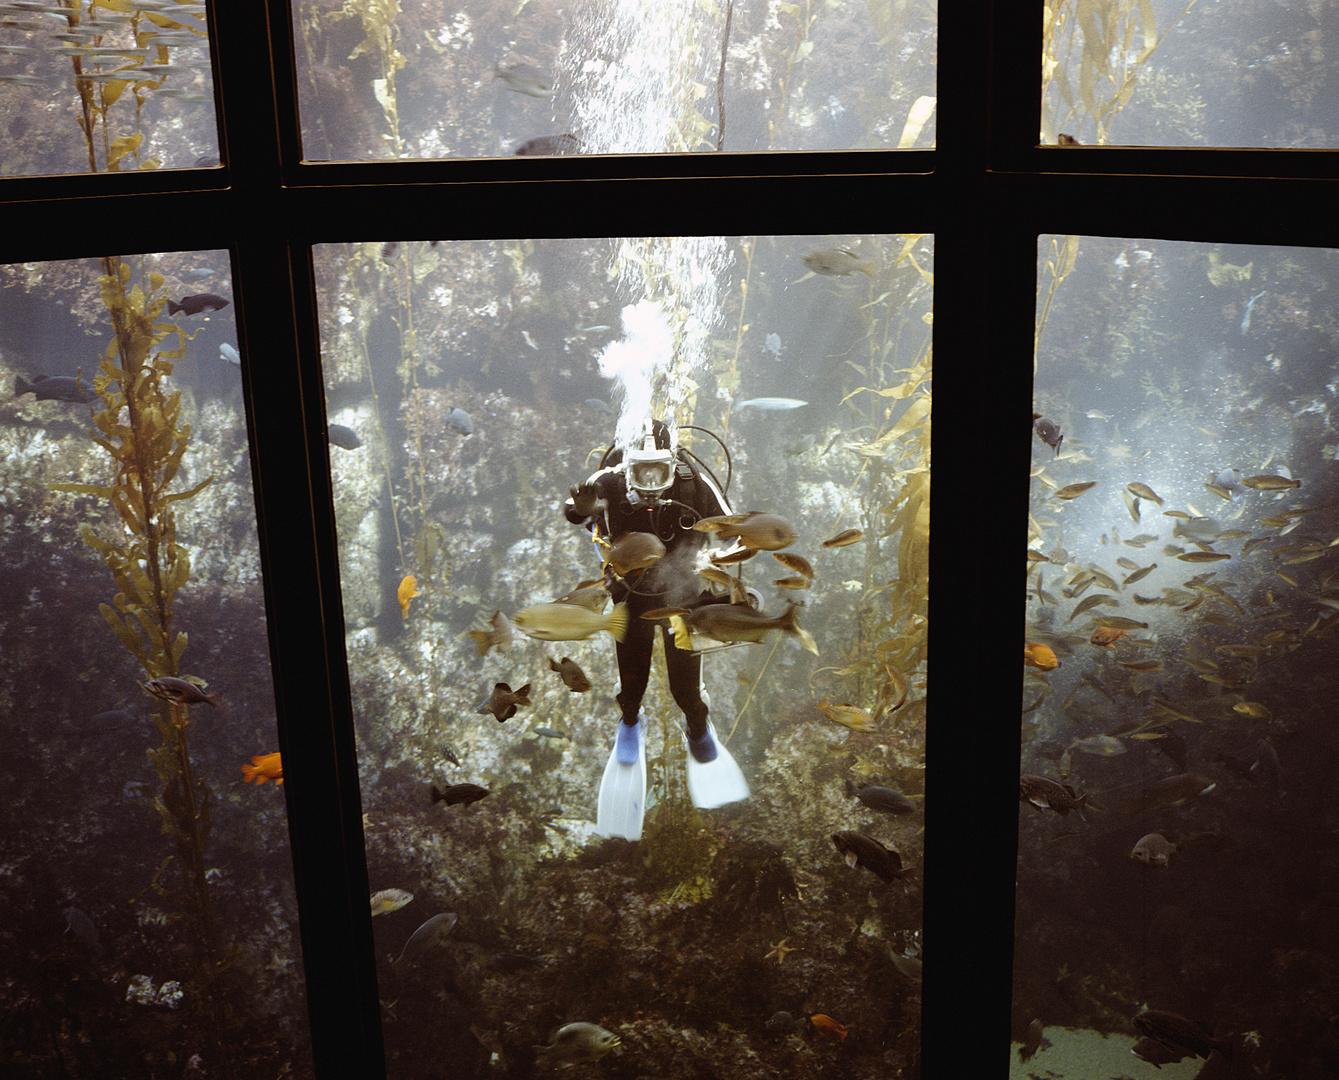 Monterrey aquarium